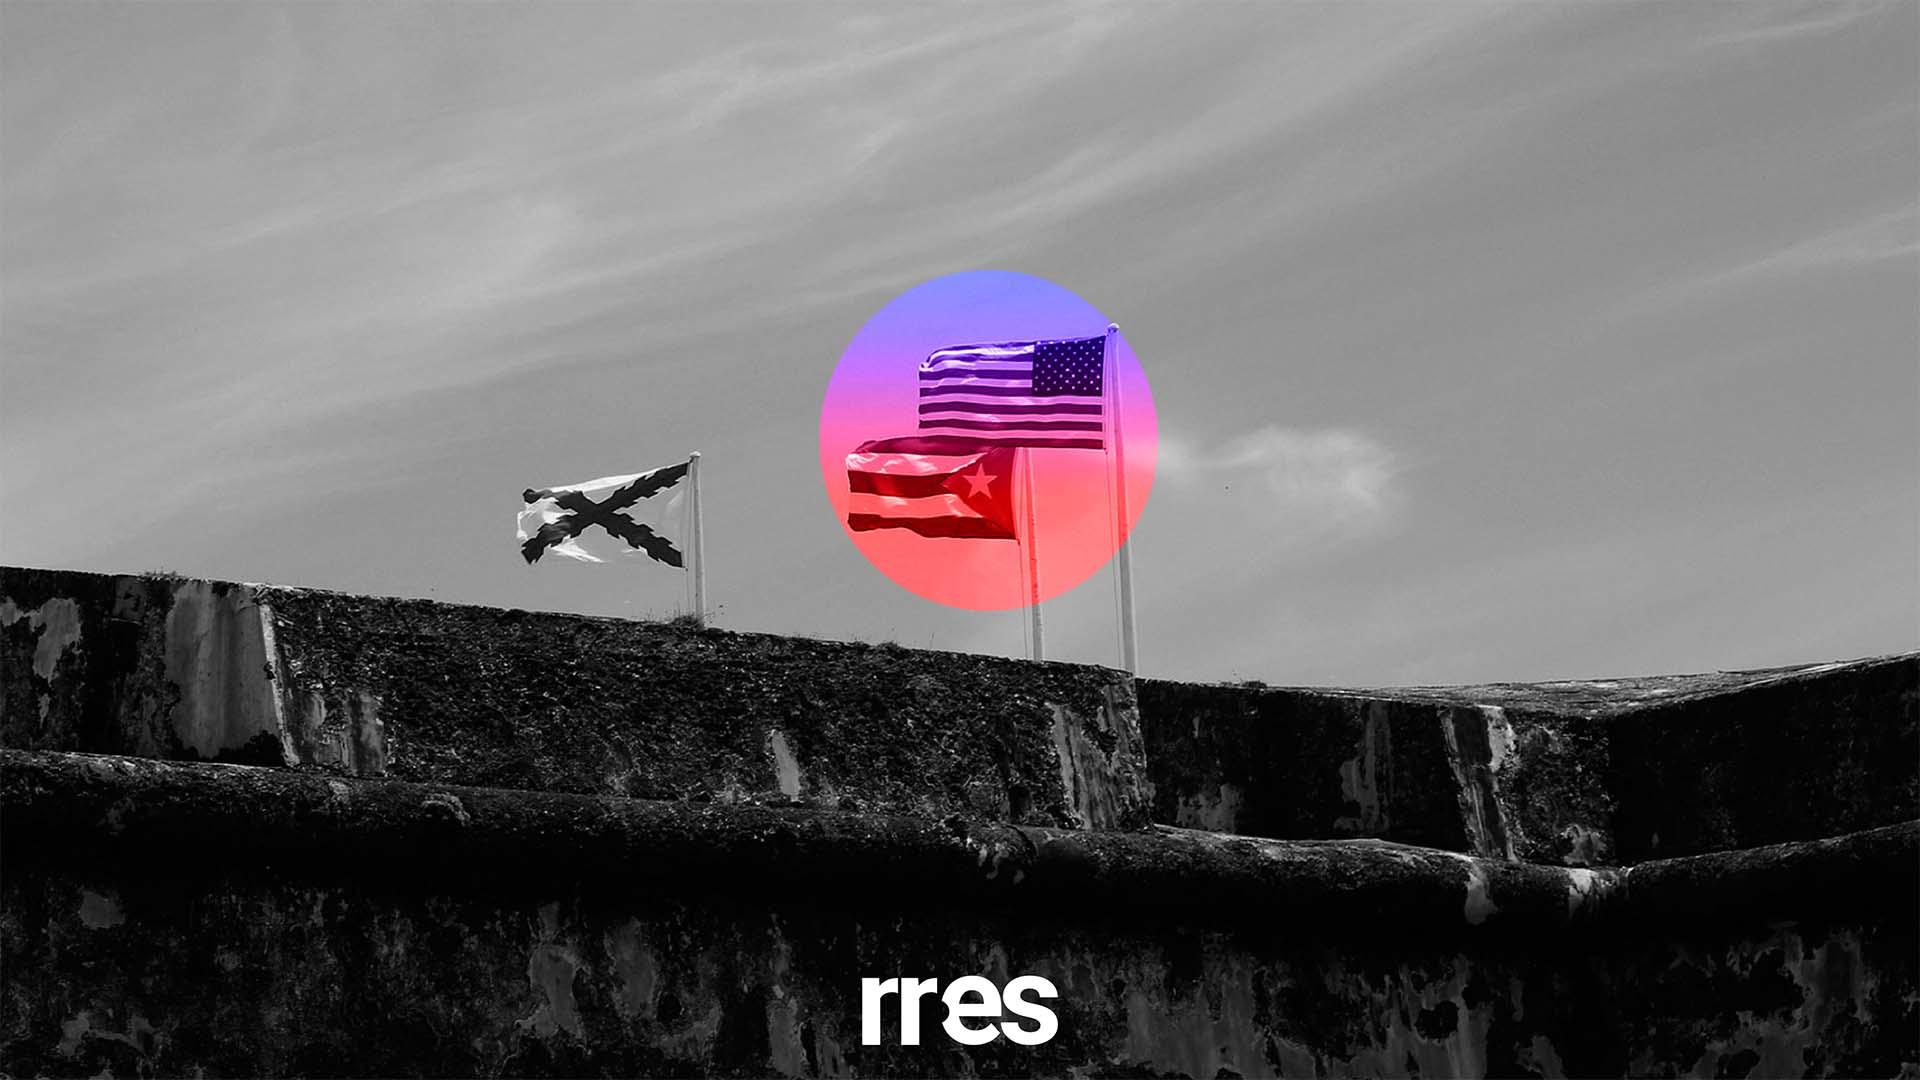 Puerto Rico puede decidir la elección, por Leopoldo Martínez Nucete*